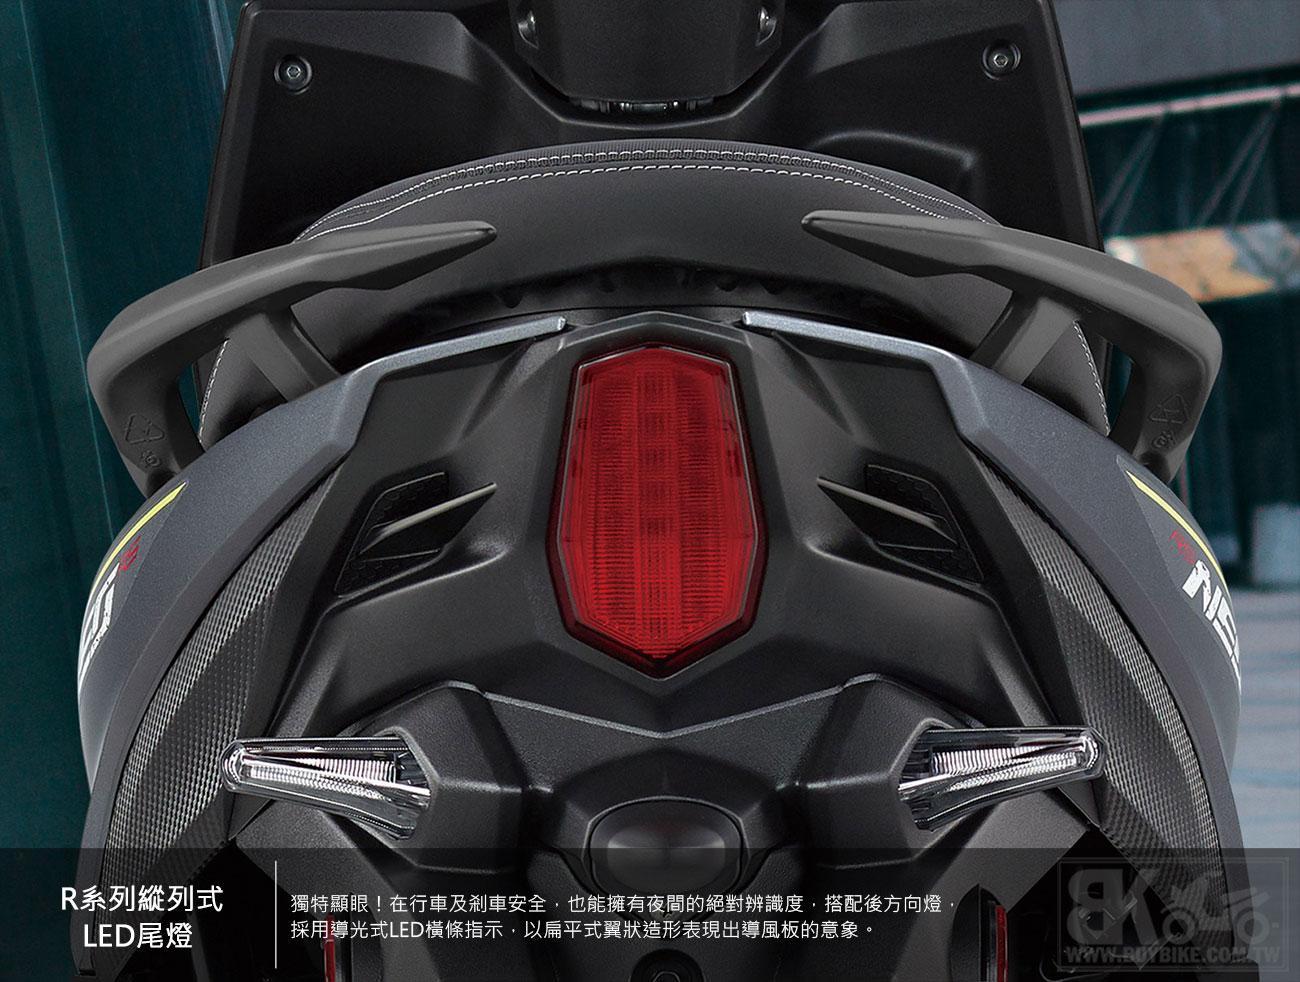 06.R系列縱列式LED尾燈